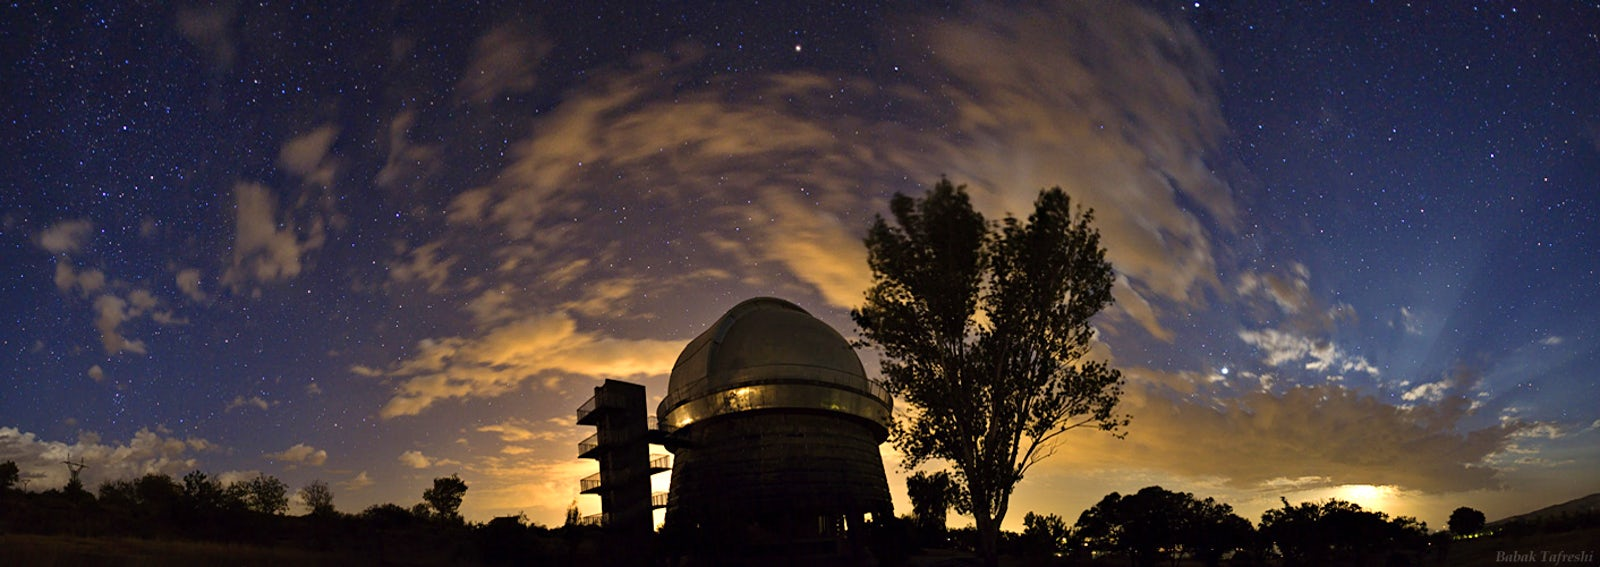 Byurakan Sternwarte Das Universum Von Armenien